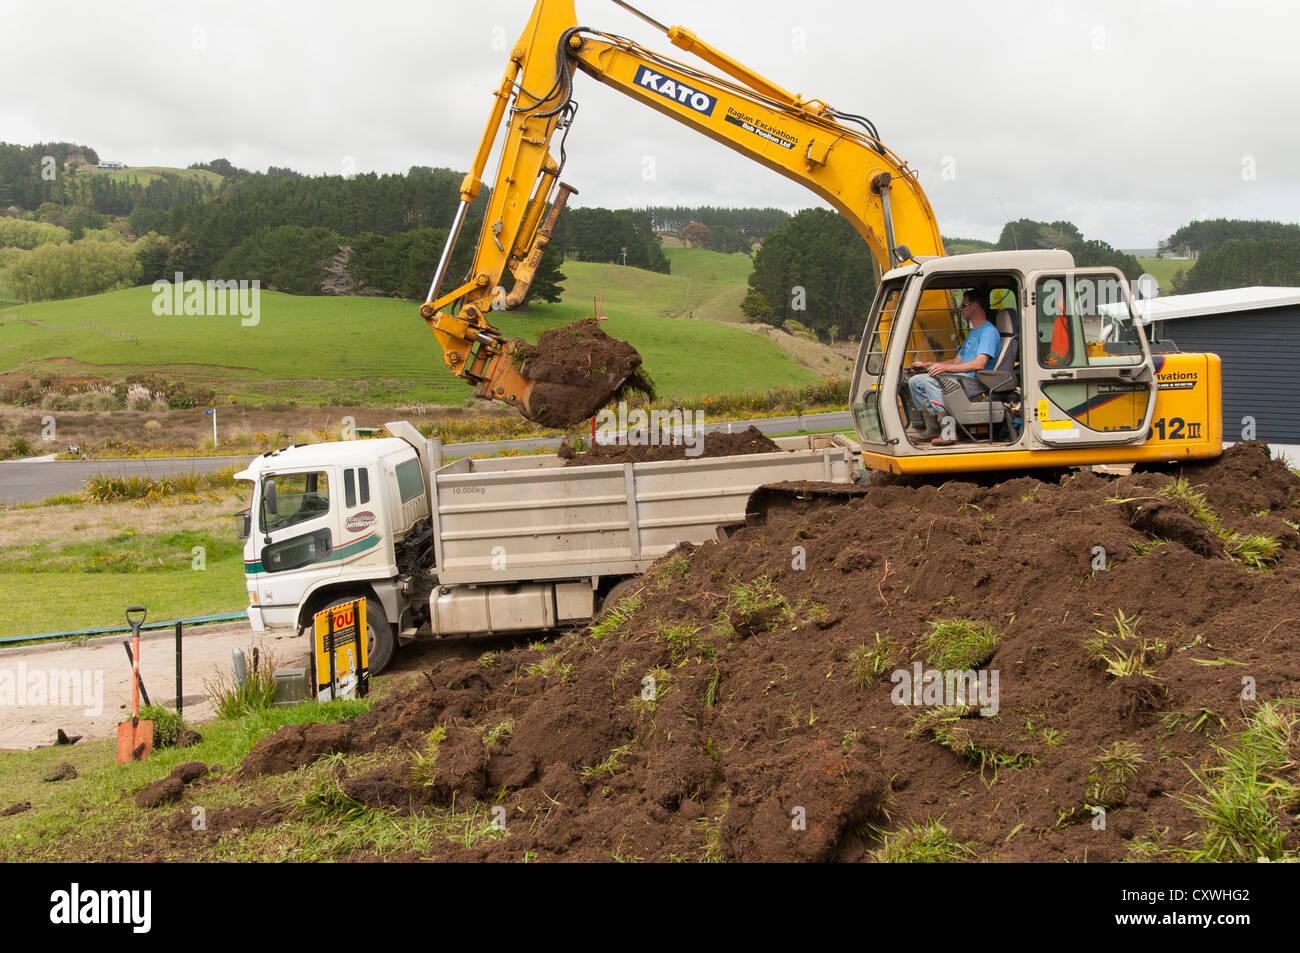 l 39 homme l 39 excavation de sol dans l 39 aide de camion 12 tonnes digger une nouvelle section en. Black Bedroom Furniture Sets. Home Design Ideas